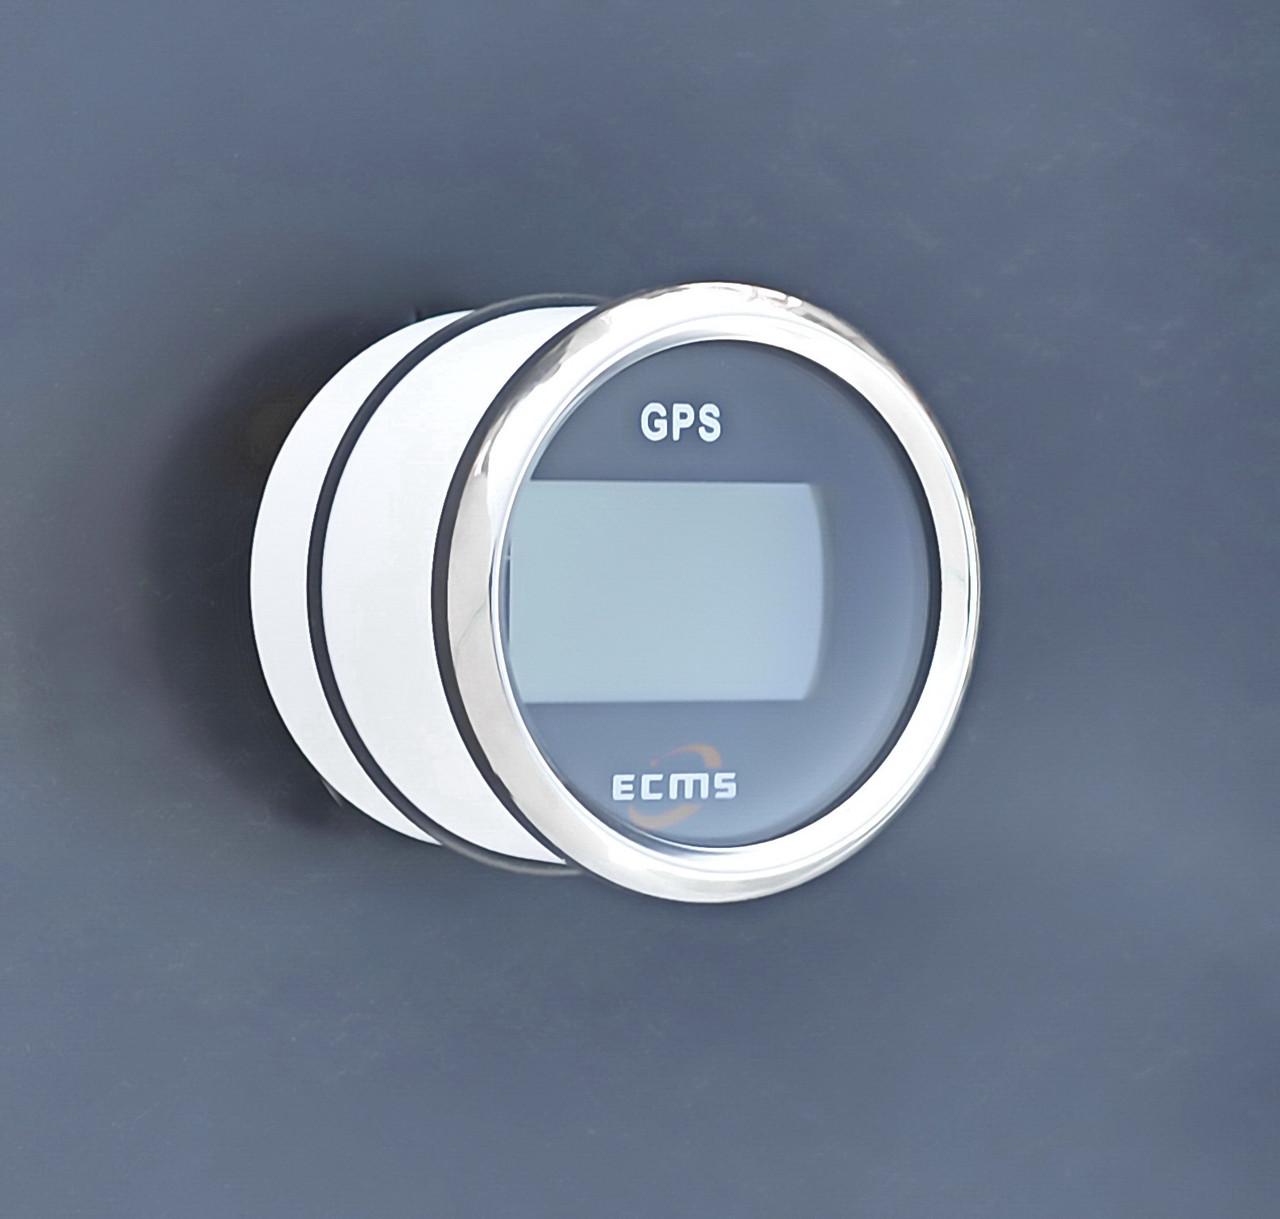 GPS спідометр з компасом для човни, катери, яхти ECMS чорний